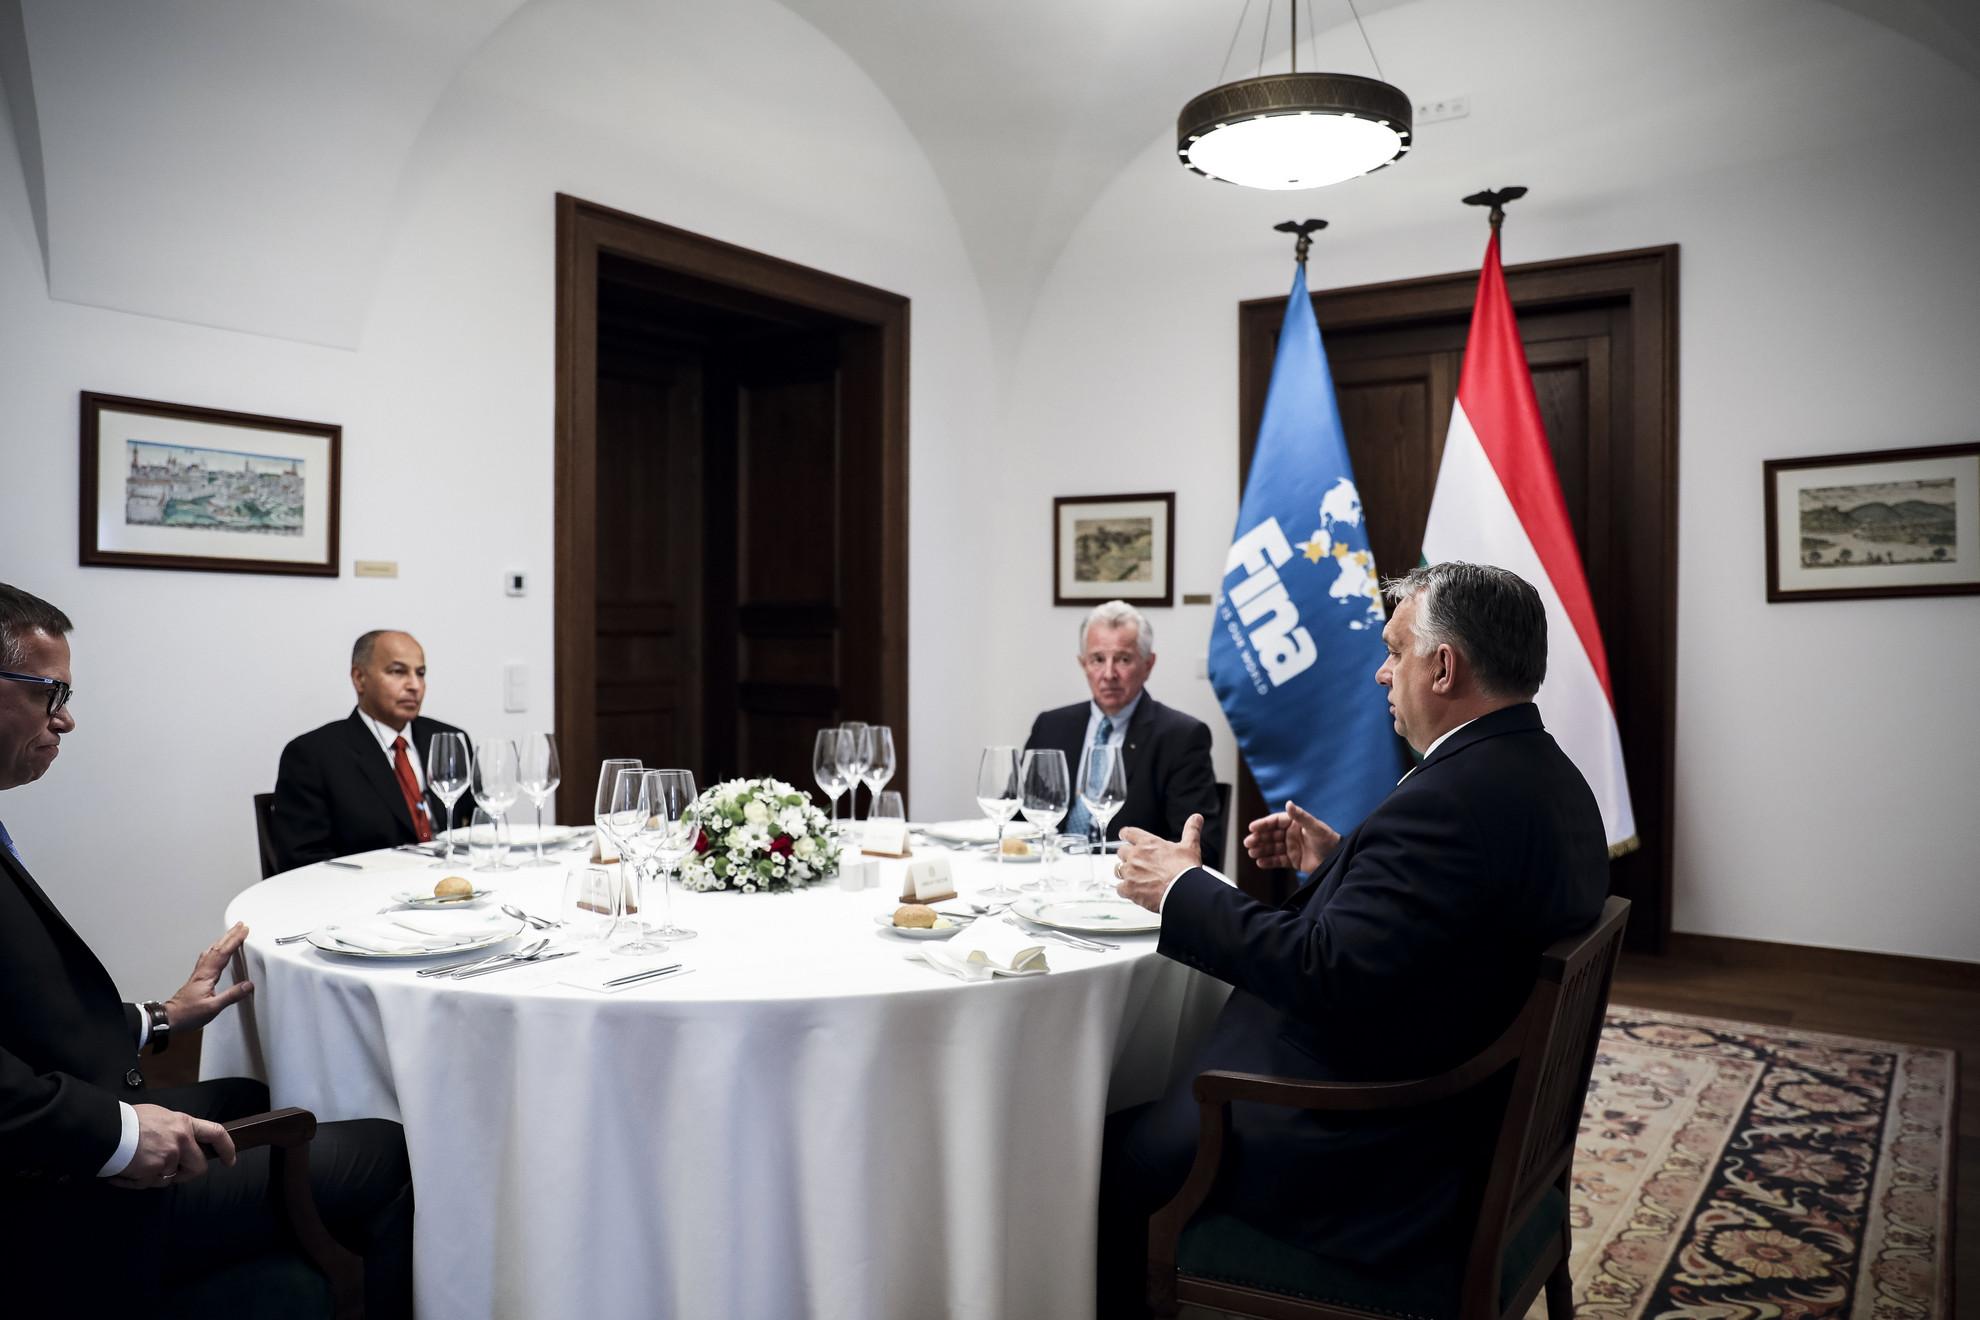 Orbán Viktor kormányfő (j) fogadja Huszain al-Muszallamot, a Nemzetközi Úszószövetség (FINA) első alelnökét, a szervezet elnökjelöltjét (b2) a Karmelita kolostorban 2021. május 17-én. Mellettük Fürjes Balázs, a Miniszterelnökség Budapest és a fővárosi agglomeráció fejlesztéséért felelős államtitkára (b) és Schmitt Pál, a Magyar Olimpiai Bizottság (MOB) tiszteletbeli elnöke, korábbi köztársasági elnök (j2).